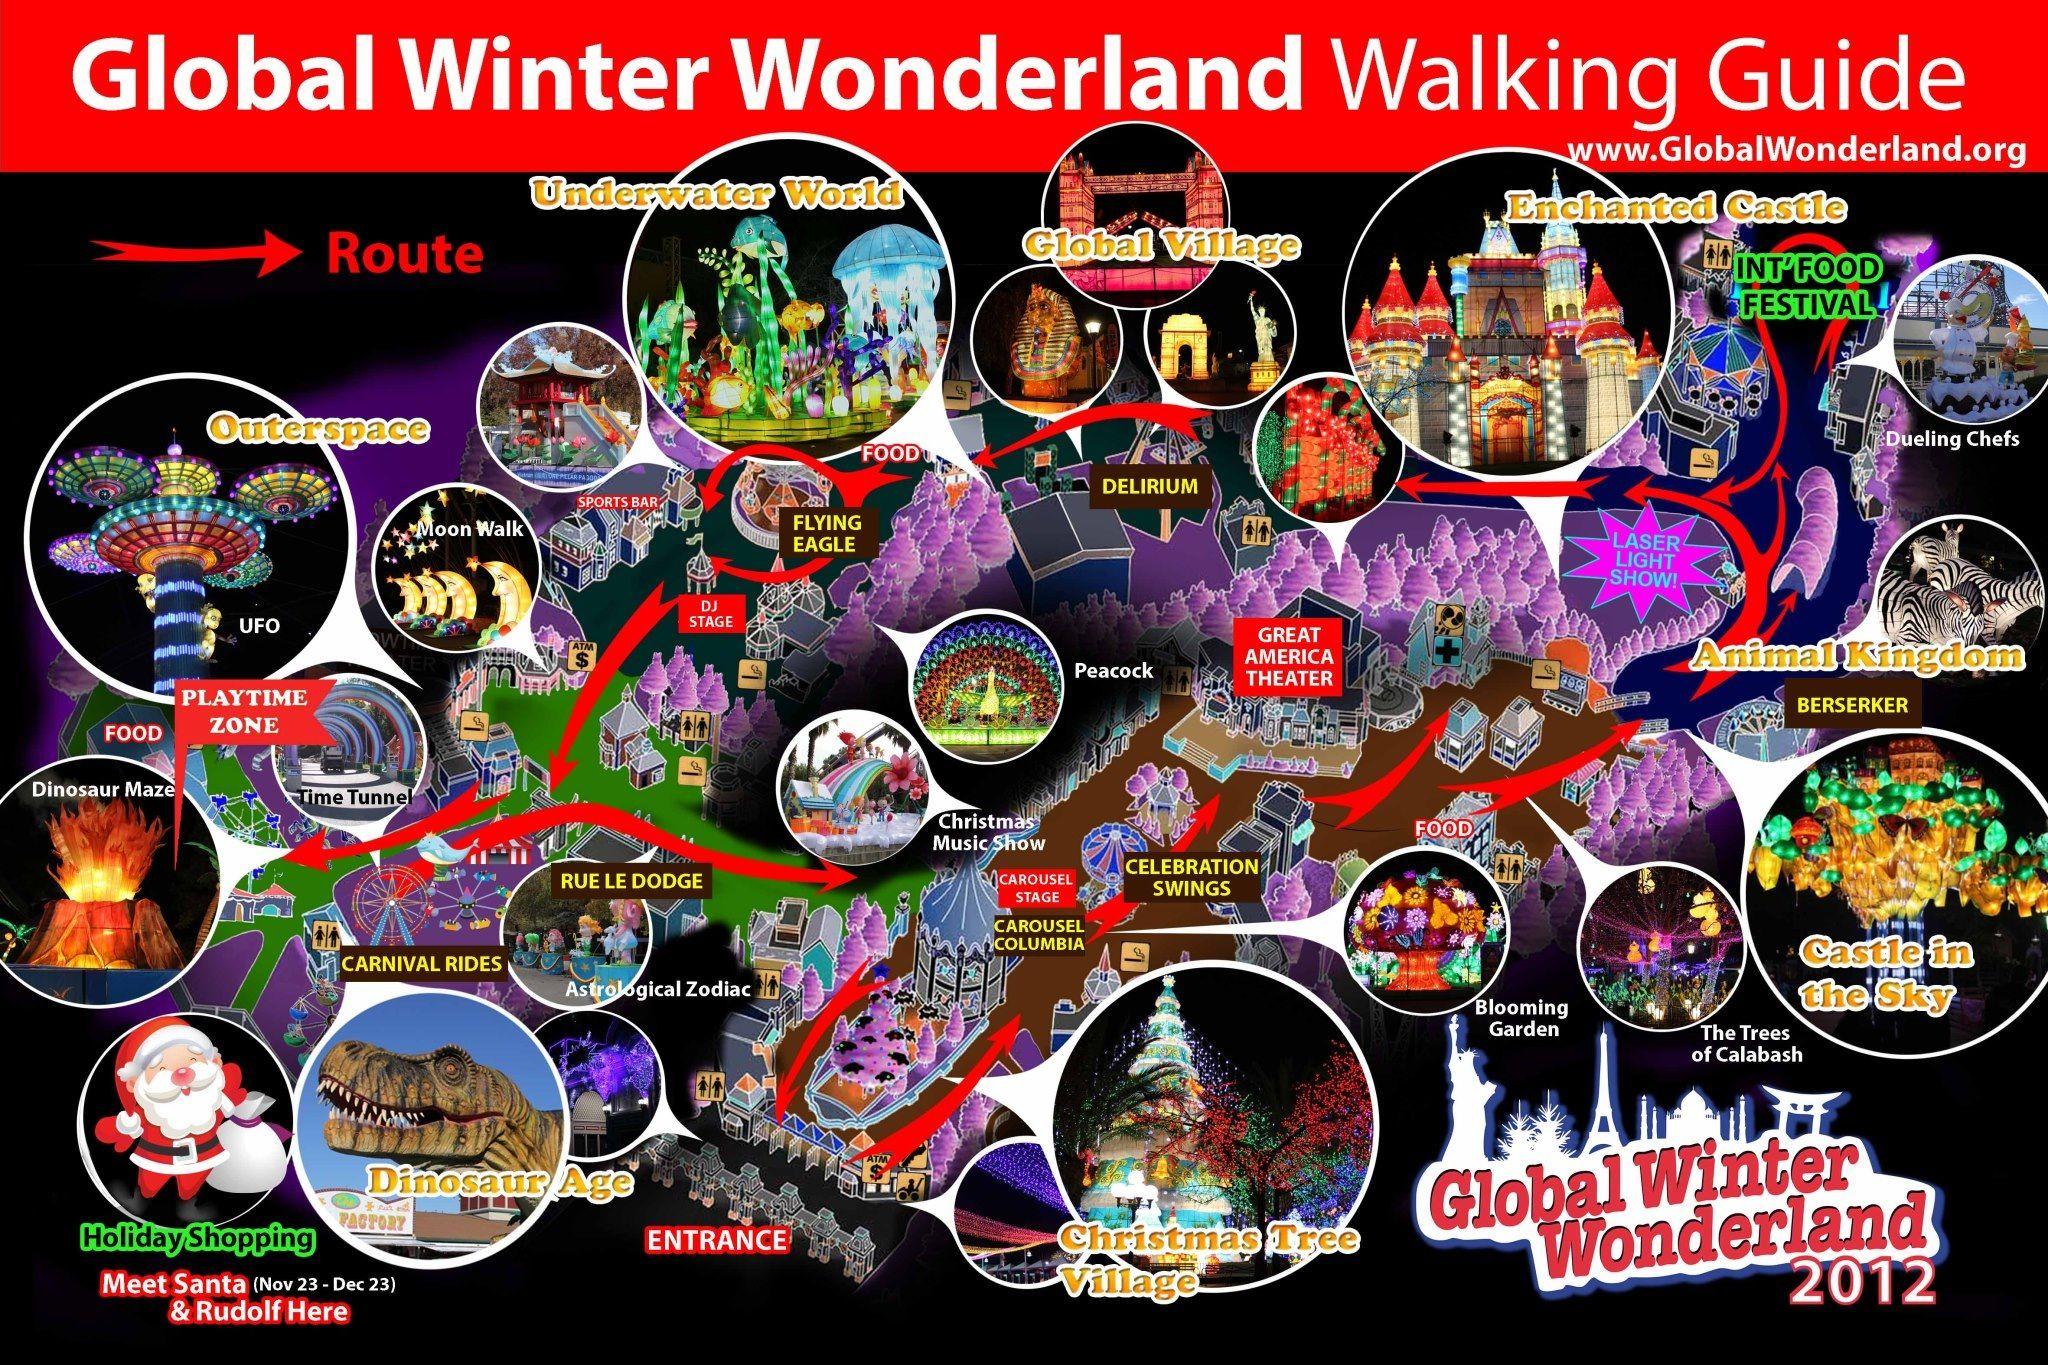 Global Winter Wonderland at Great America Santa Clara CA